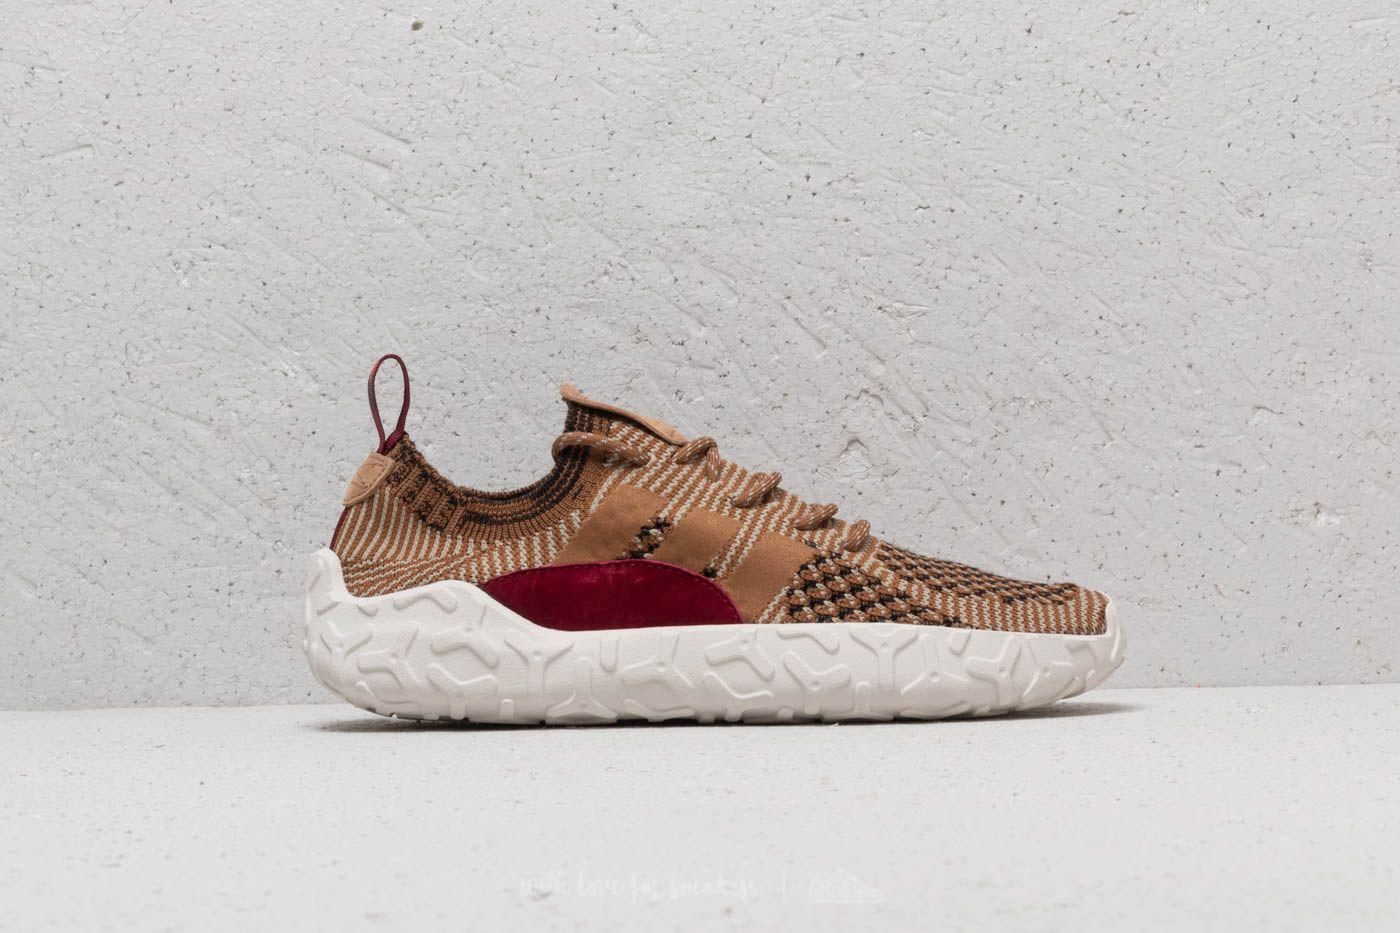 adidas Adidas F/22 Primeknit Raw Gold/ Raw Desert/ Collegiate Burgundy A7qQ8cKhwS